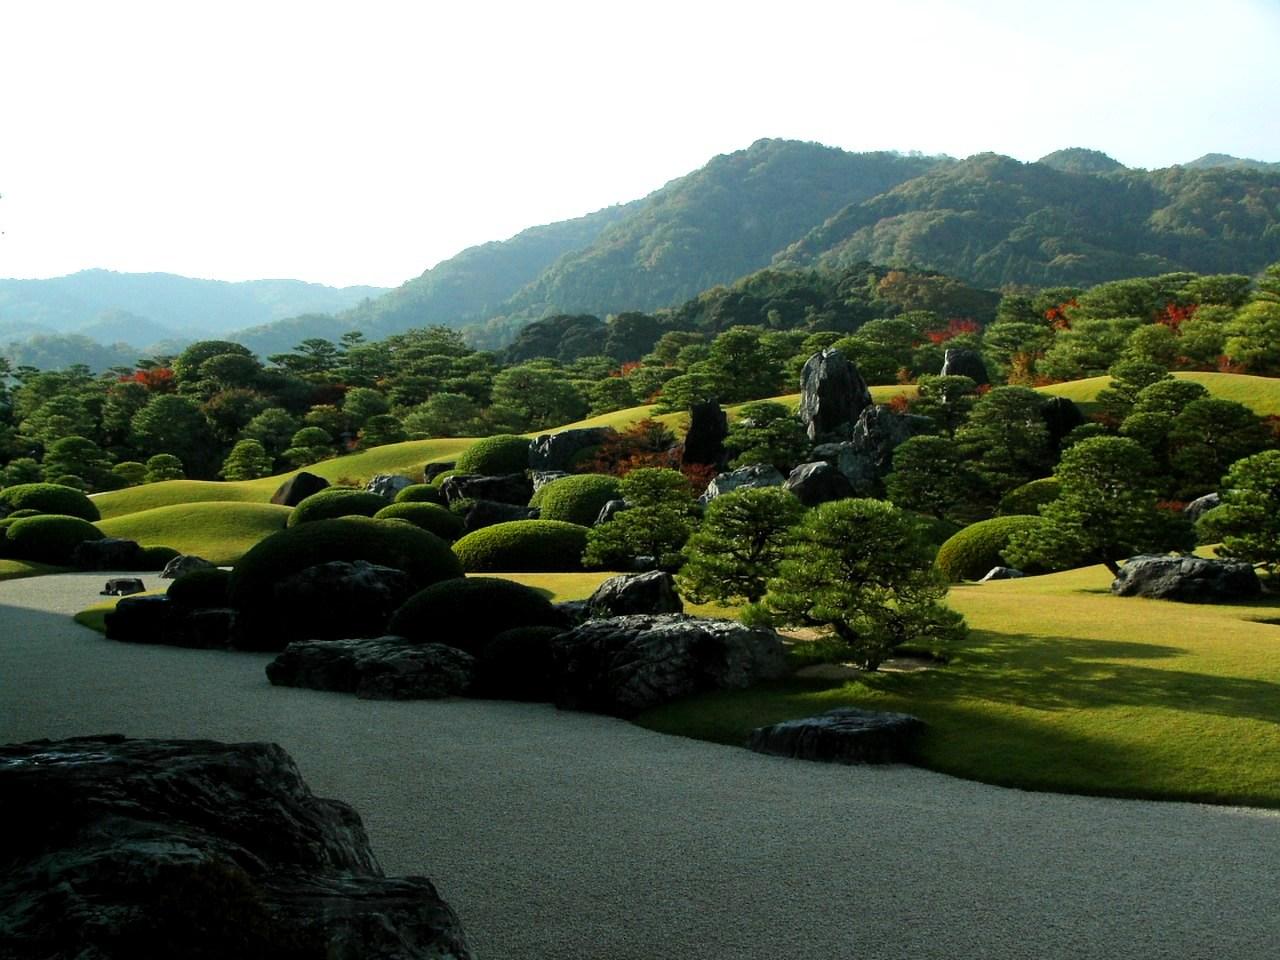 背後の山を借景とすることで広がりを表す足立美術館の庭園